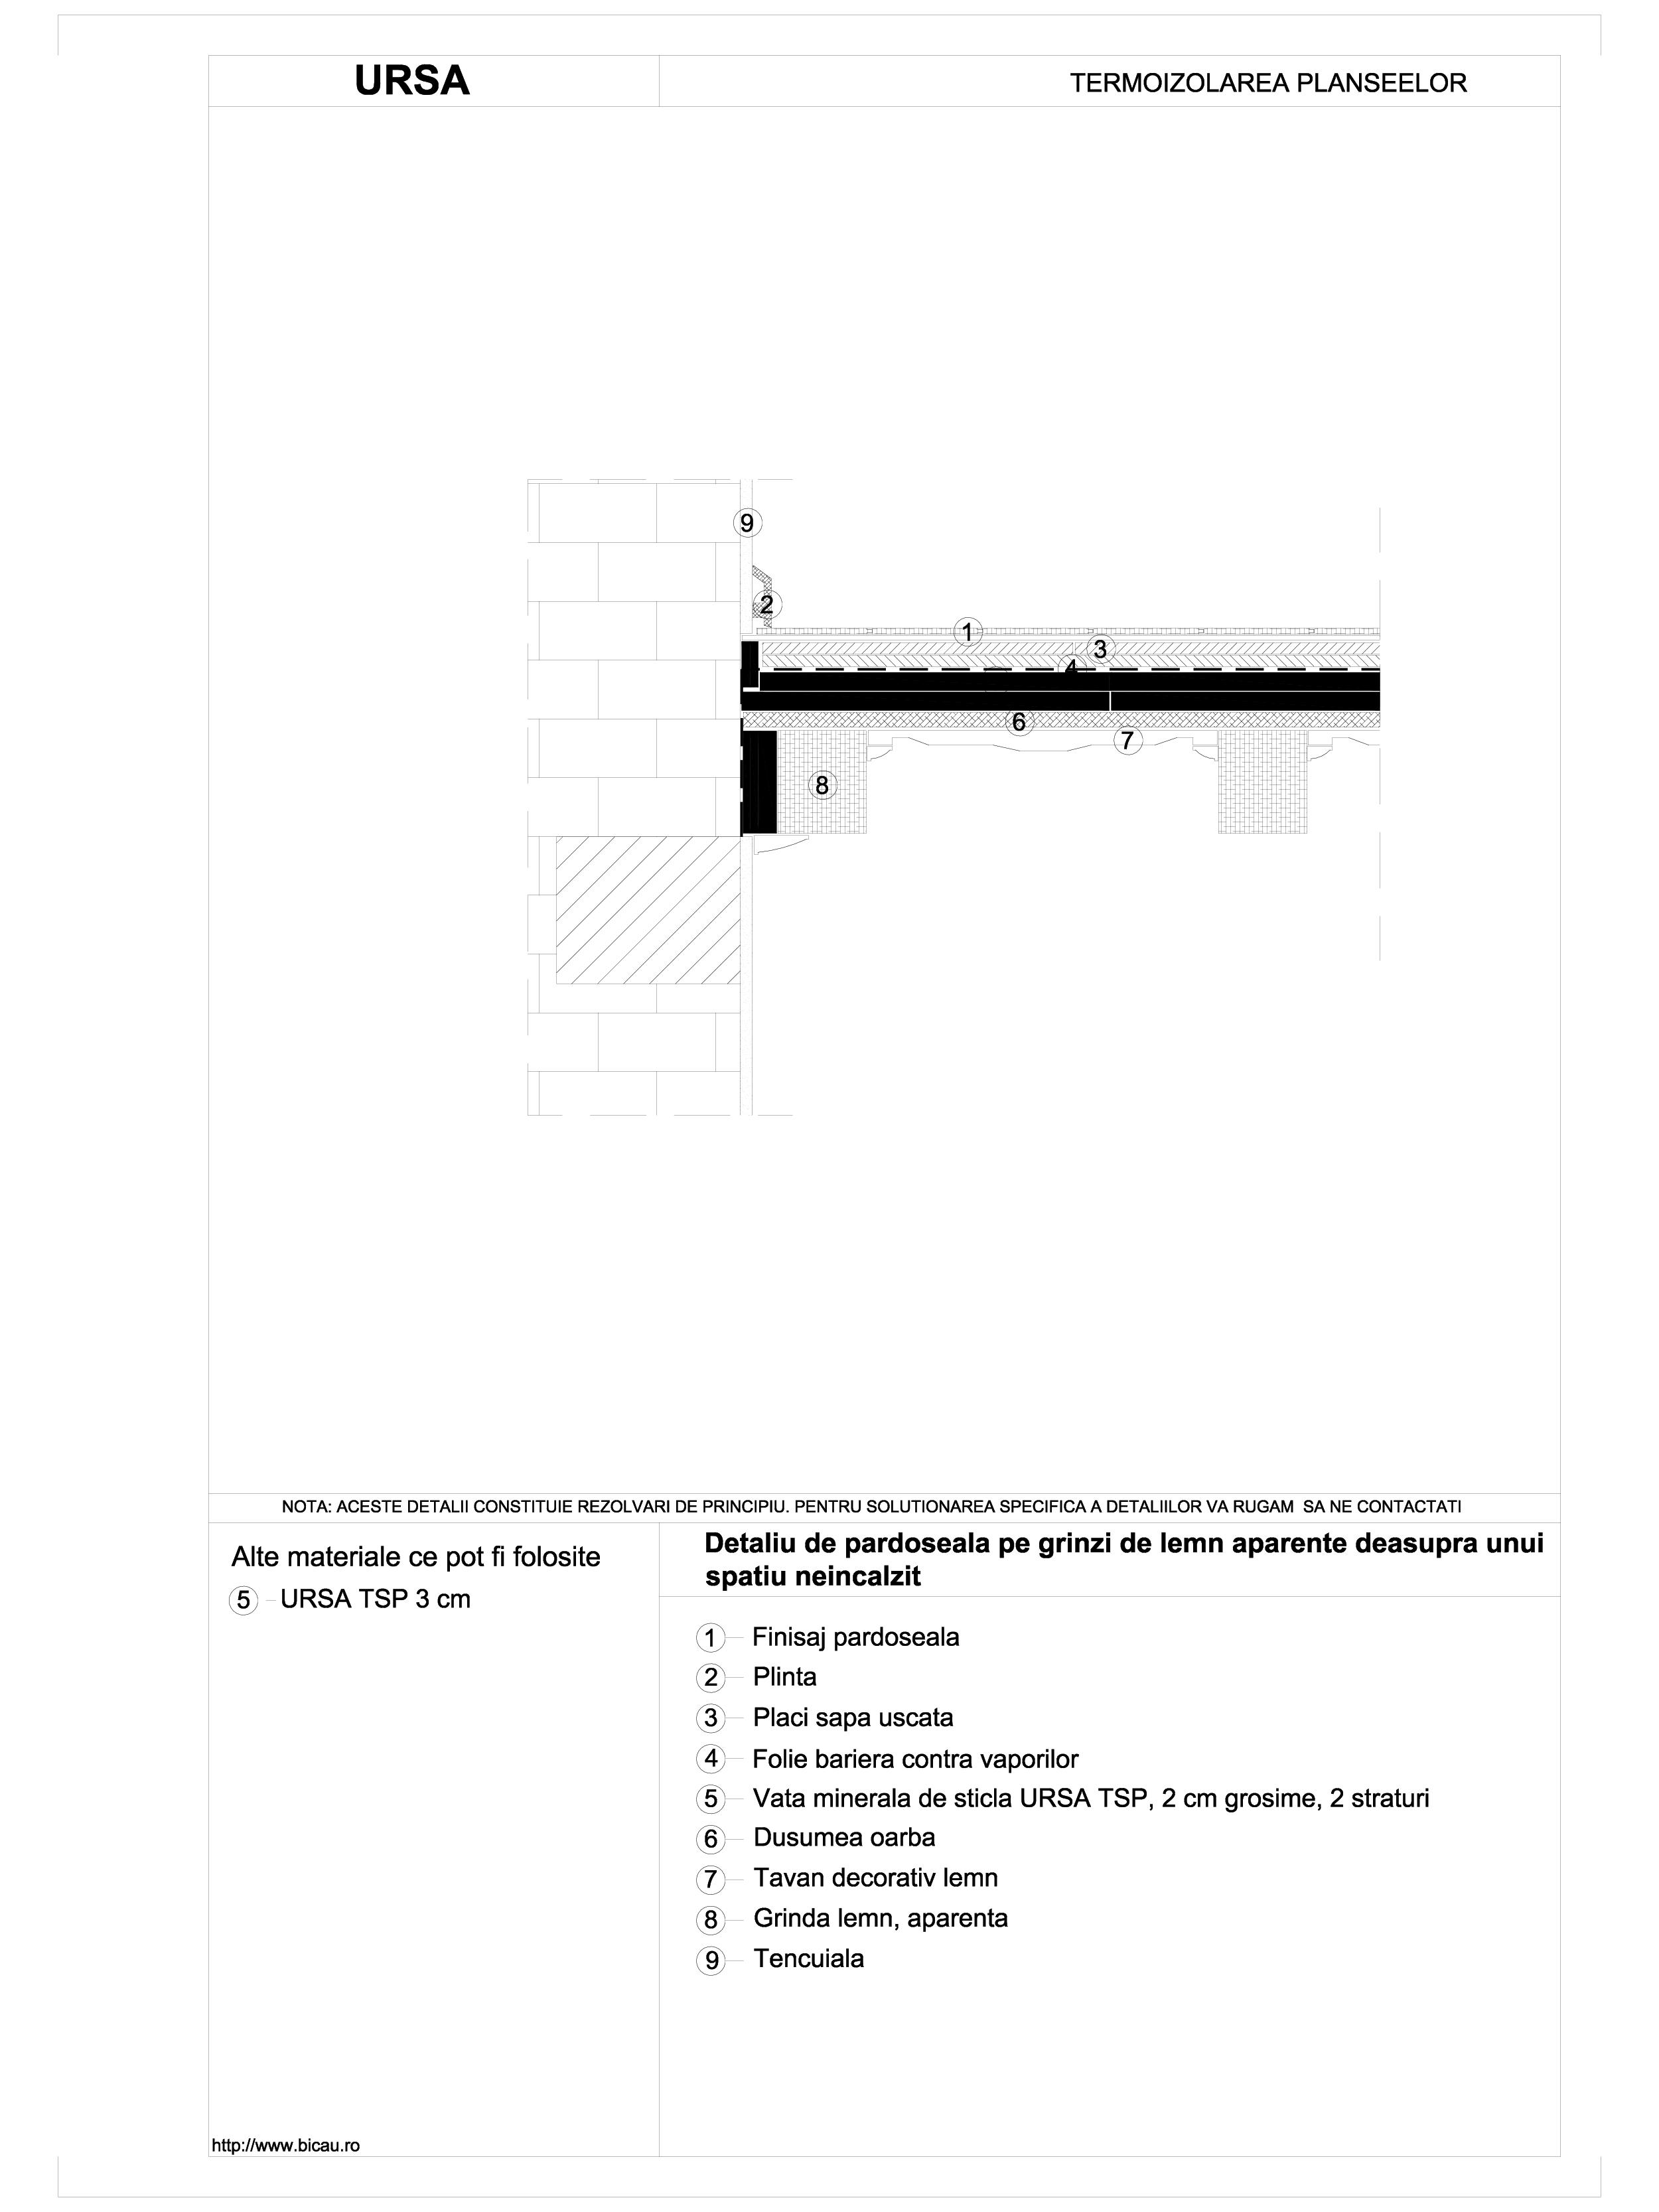 Detaliu de pardoseala pe grinzi de lemn aparente deasupra unui spatiu neincalzit TSP URSA Vata minerala pentru pardoseli URSA ROMANIA   - Pagina 1